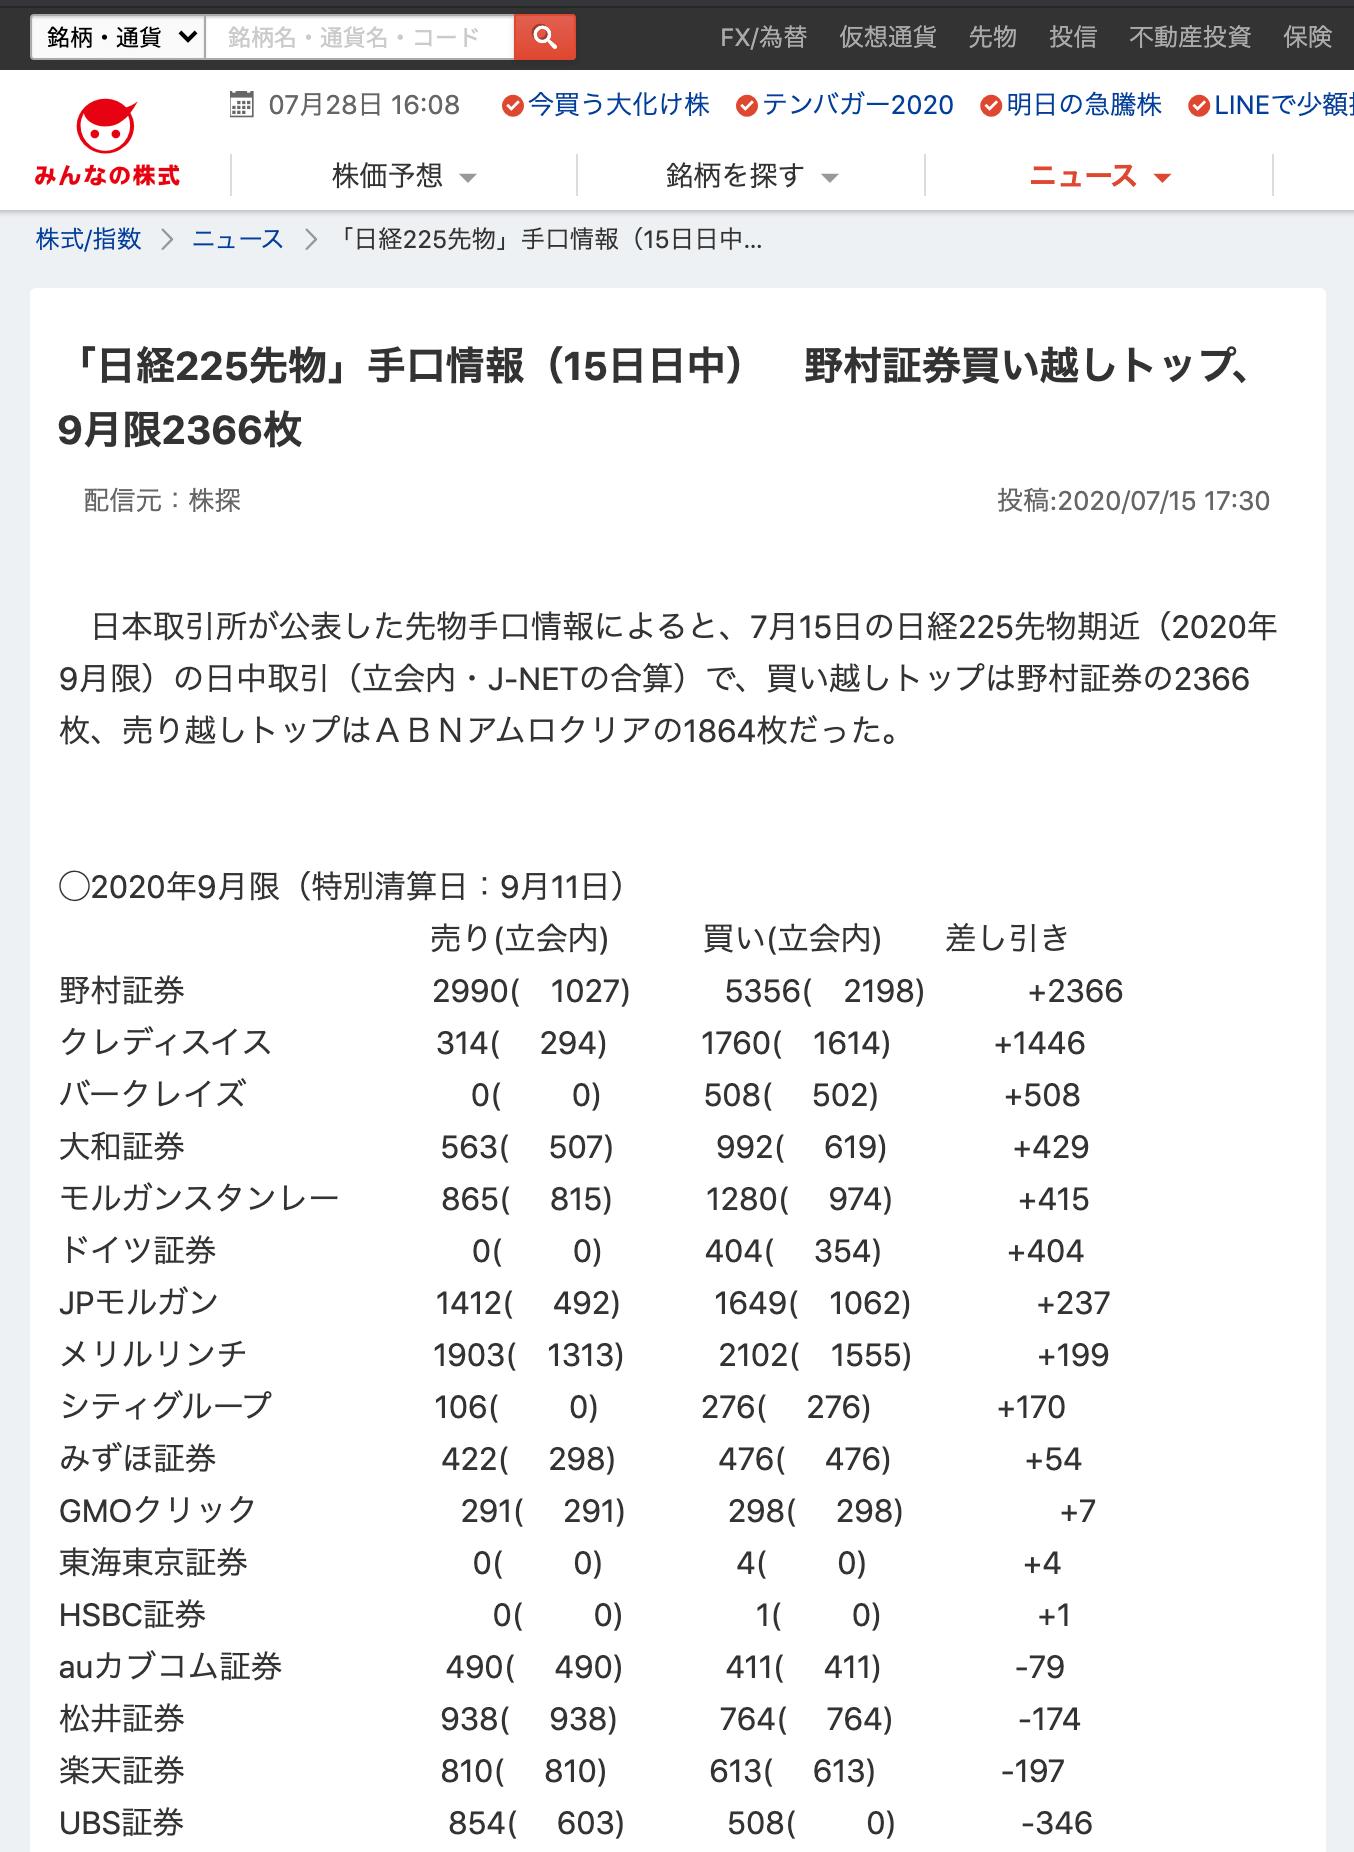 「日経225先物」手口情報(15日日中)